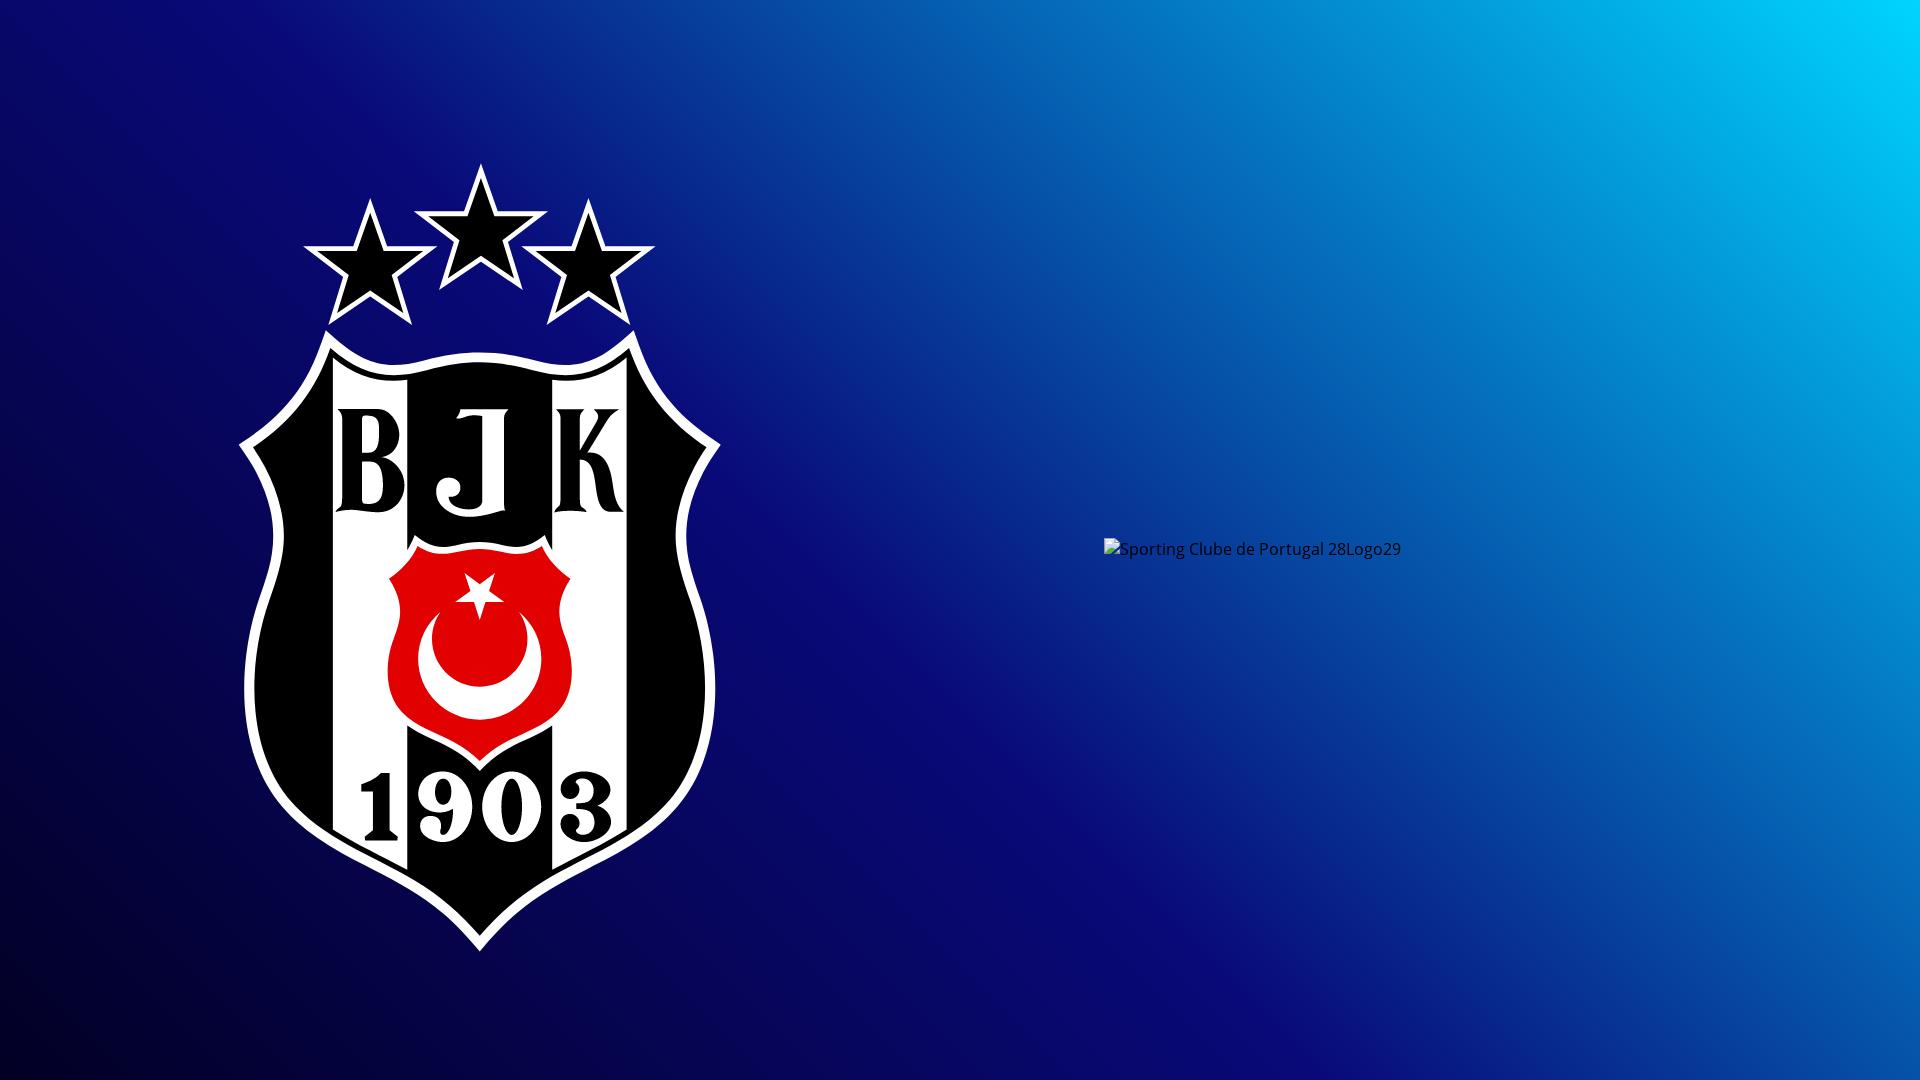 Besiktas - Sporting CP 19.10.2021 um 18:45 Uhr auf DAZN